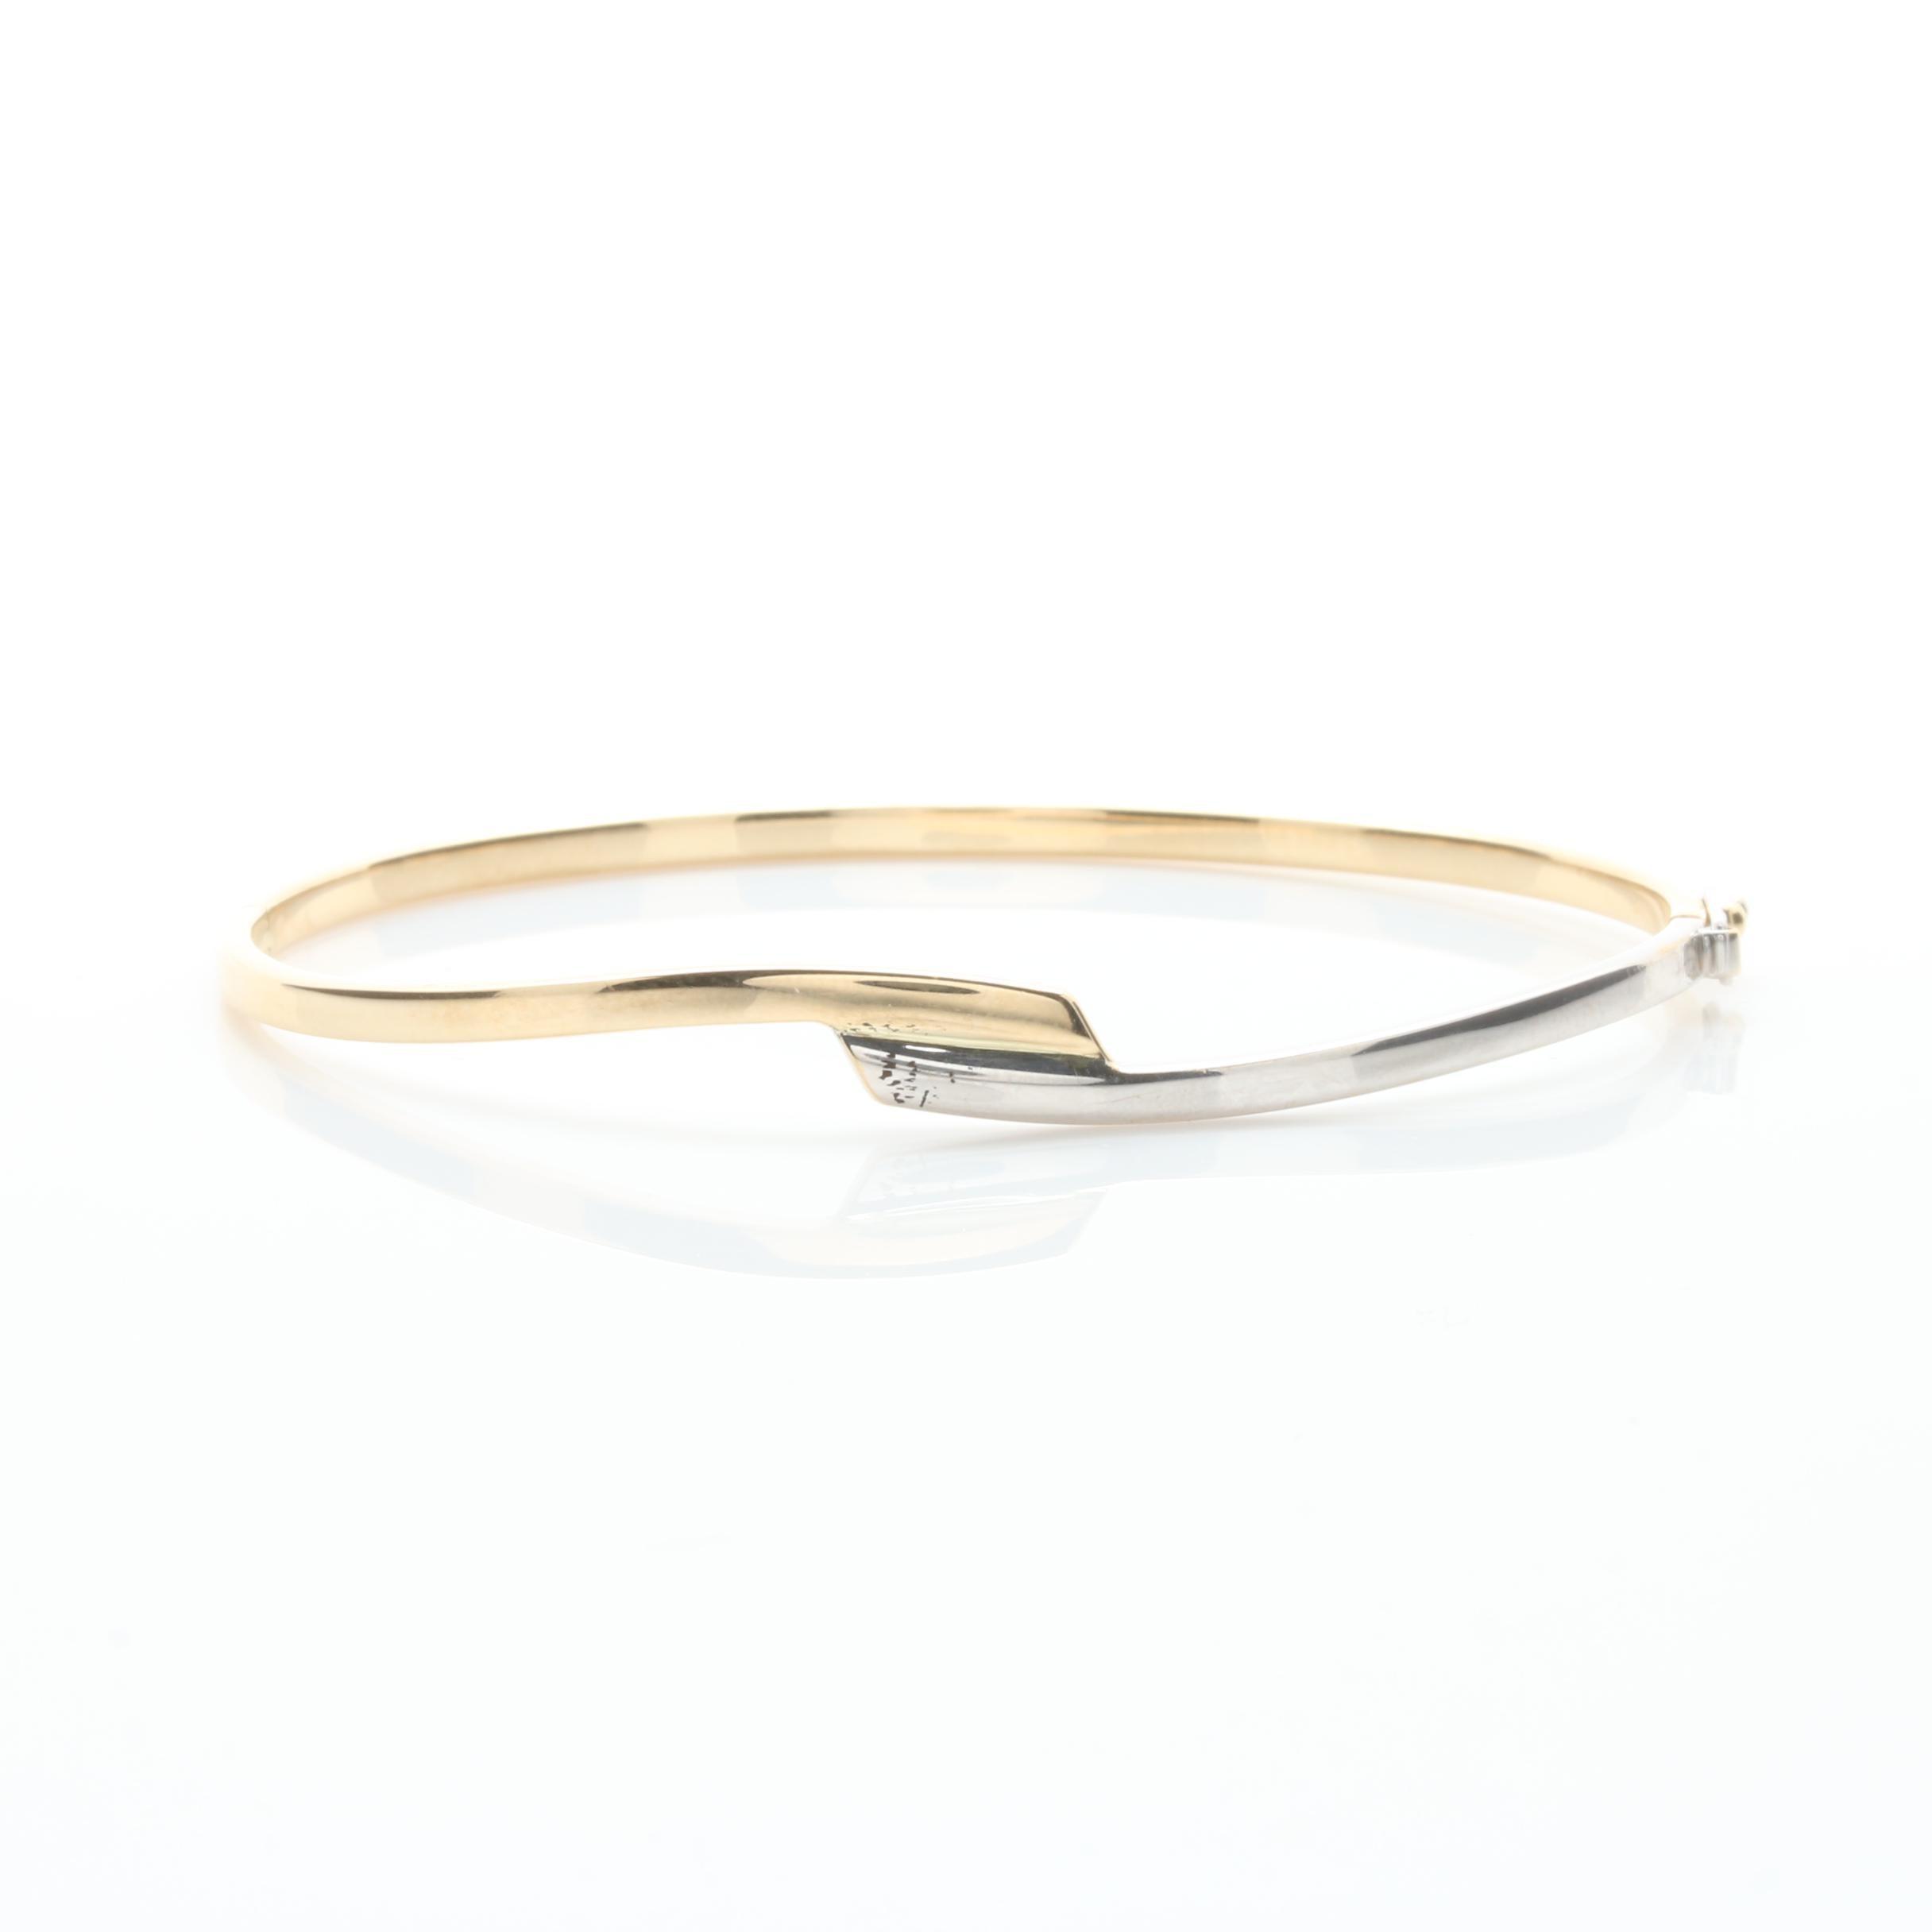 14K White and Yellow Gold Hinged Bangle Bracelet